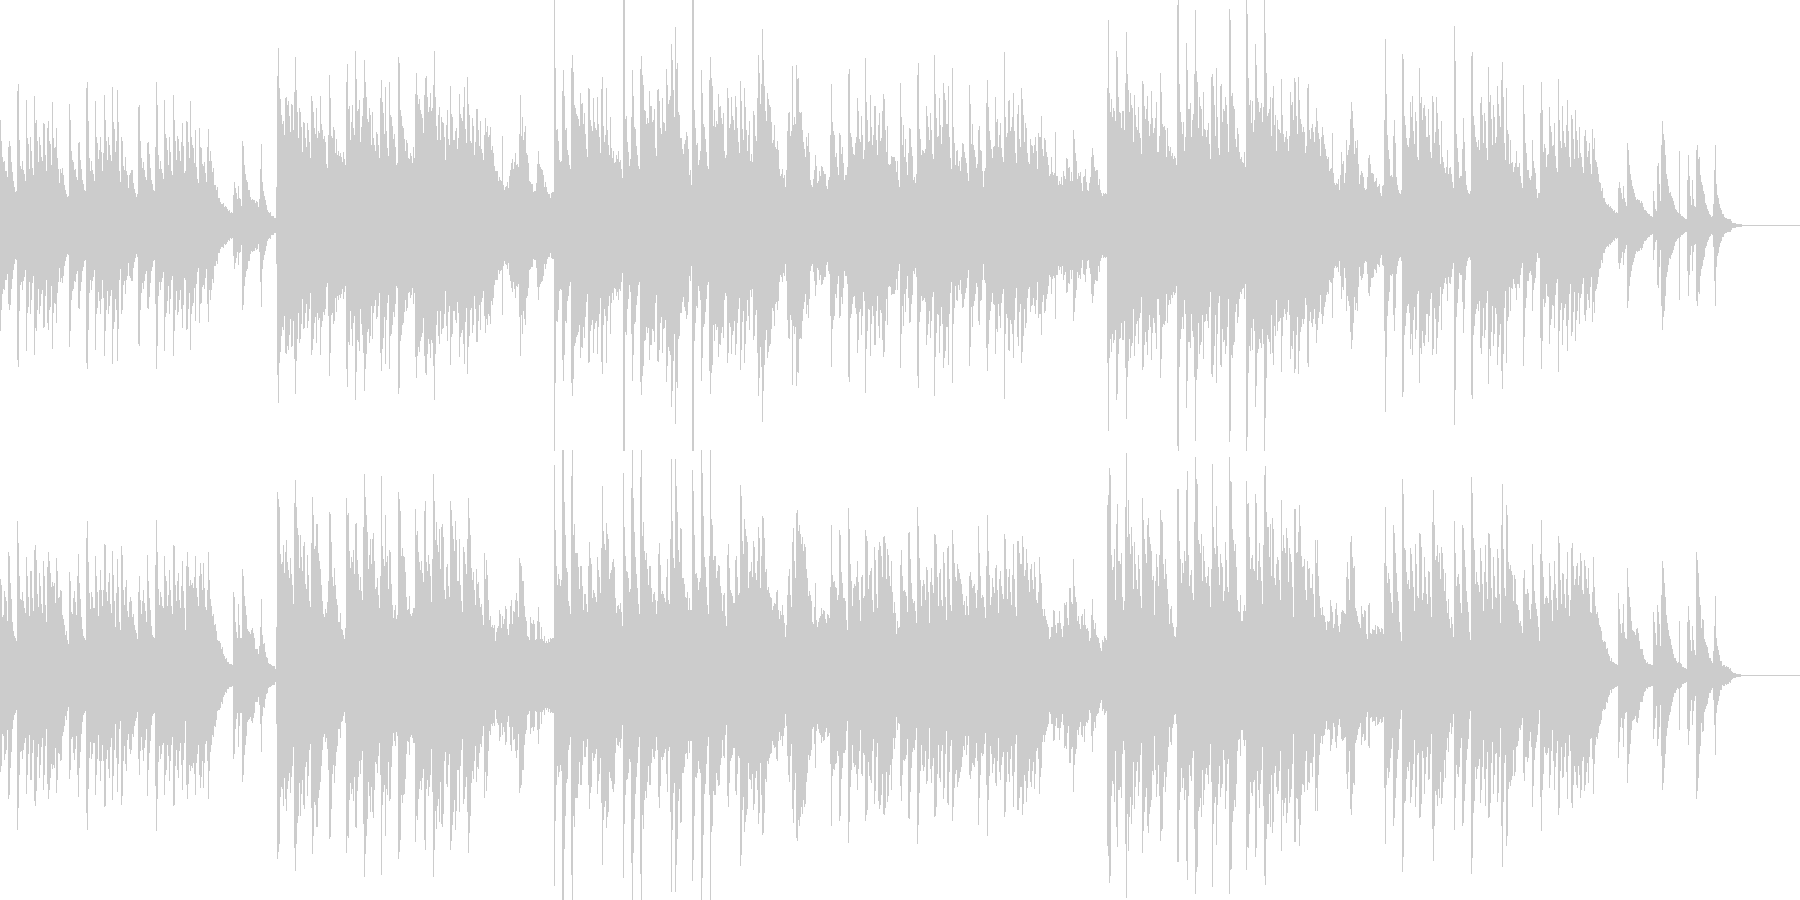 ストロベリームーンをイメージした和風曲の未再生の波形